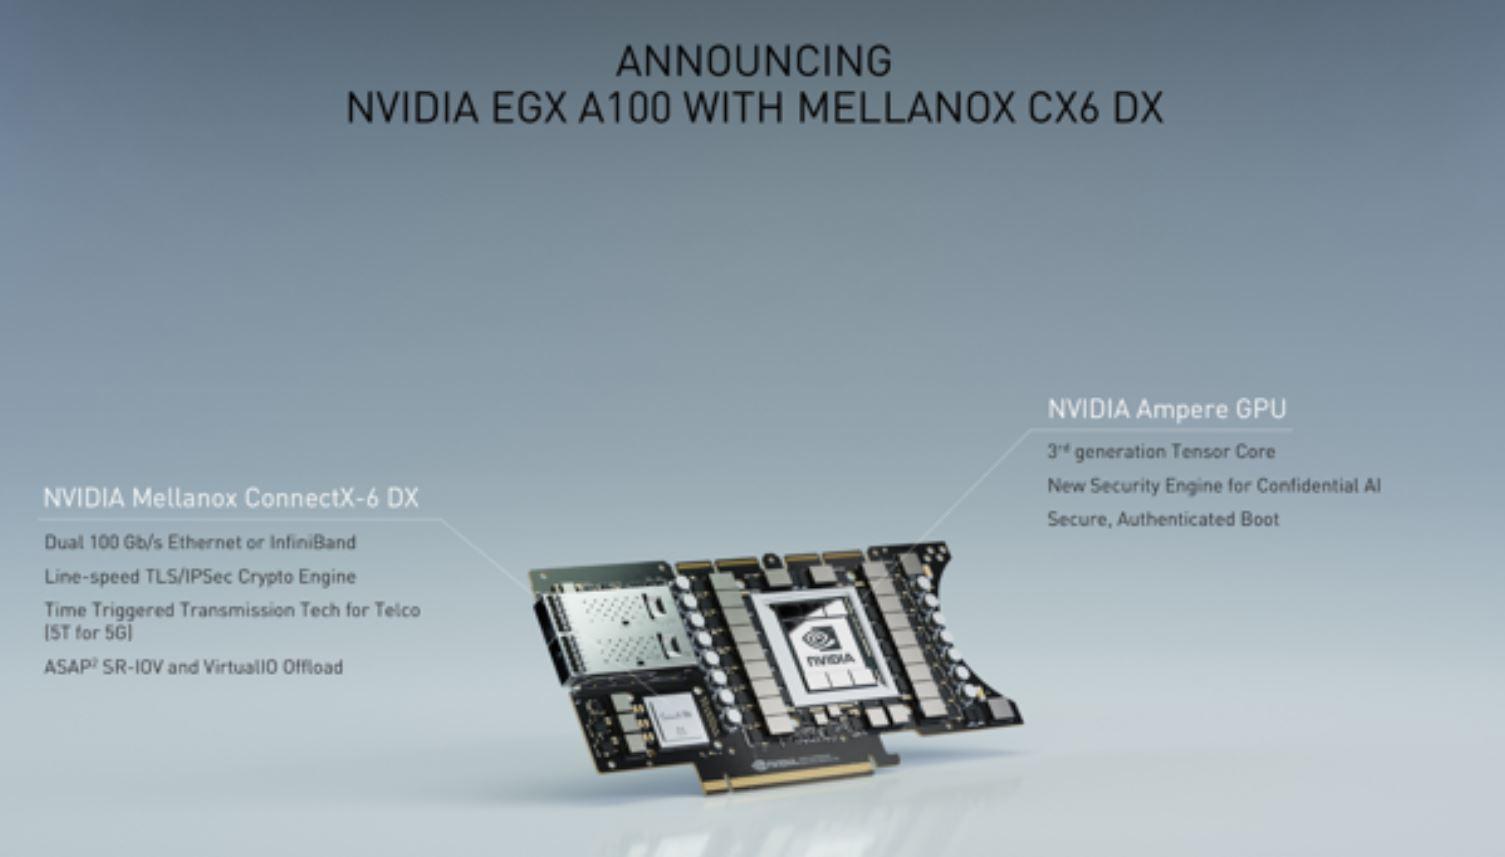 NVDIA EGX A100 Overview